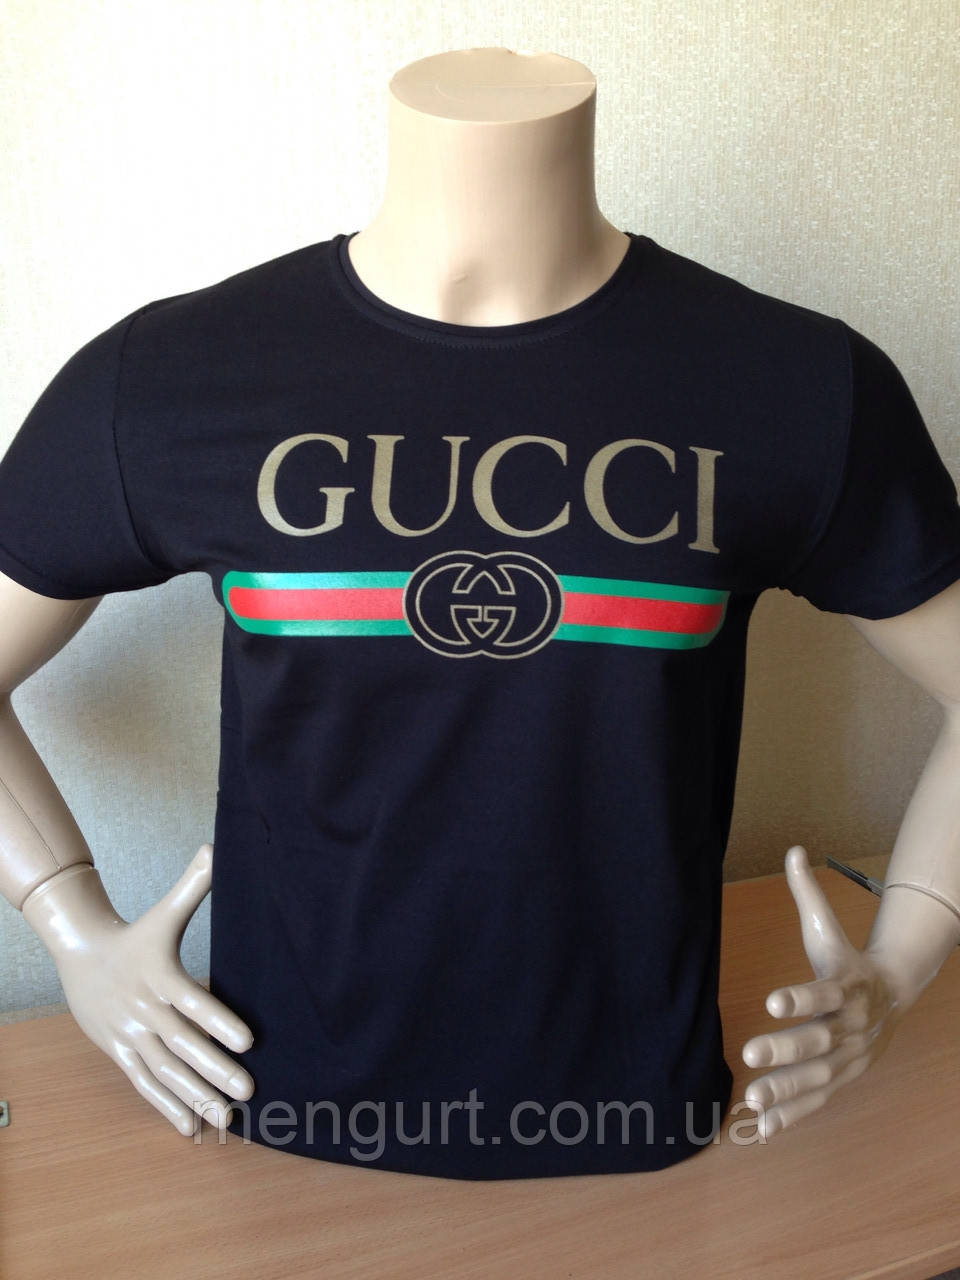 92dd31fe308 Футболка мужская молодежная гучи gucci 3d Турция - Оптовый интернет-магазин  мужской одежды